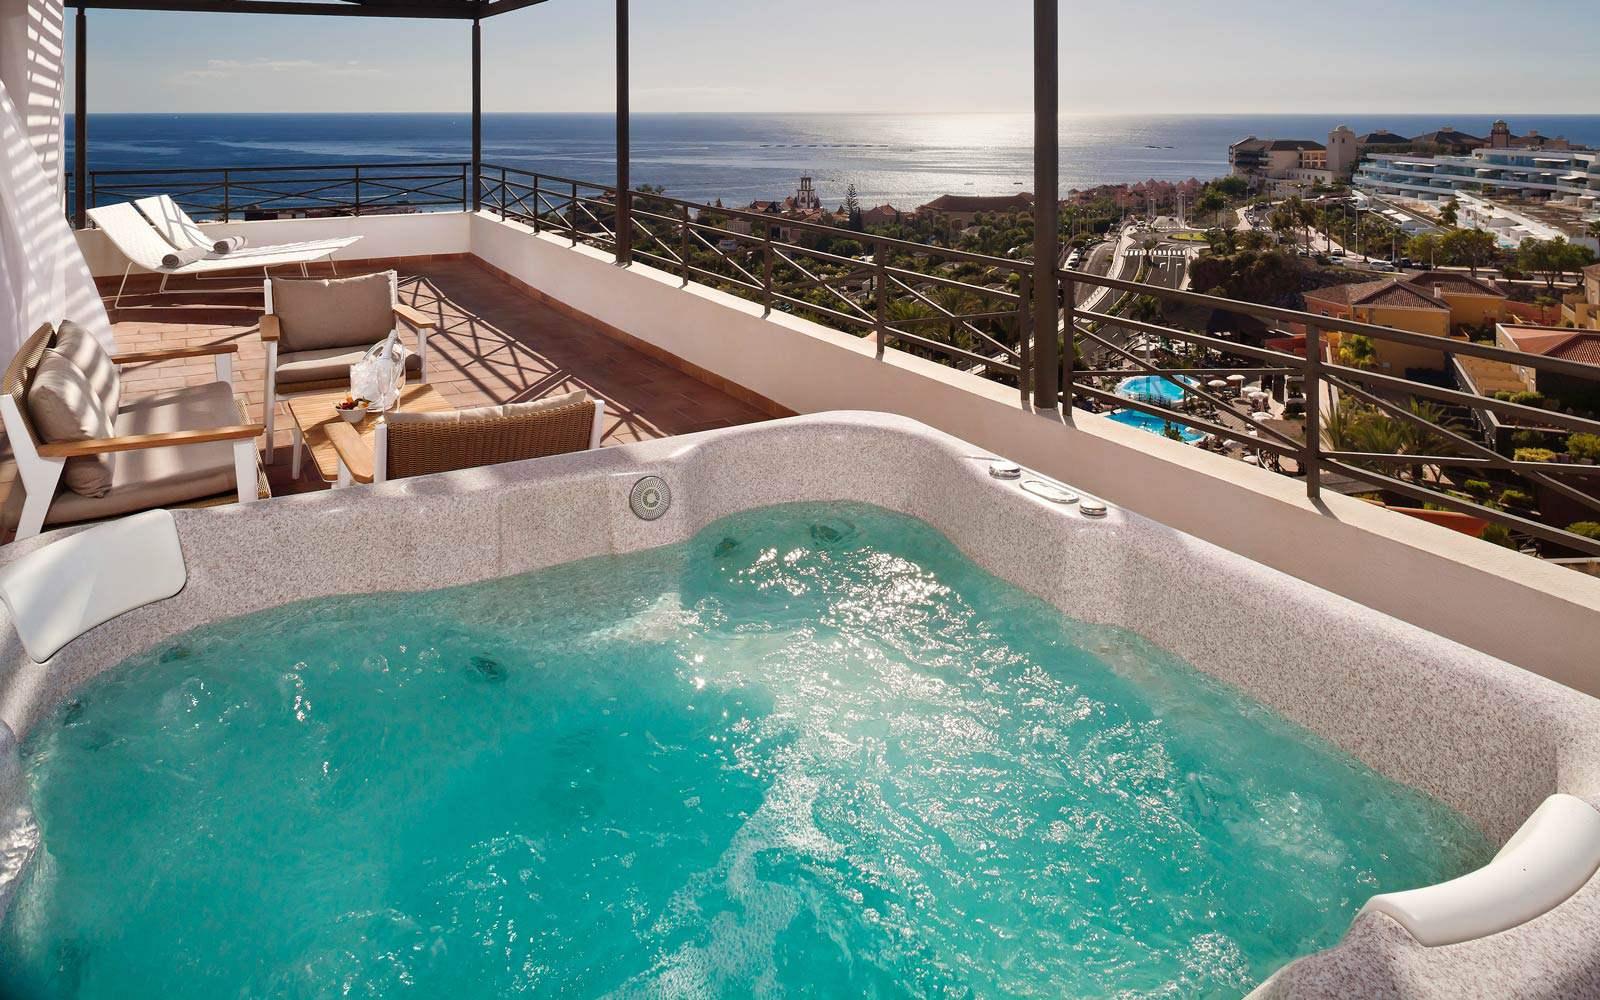 Melia Jardines del Teide - Presidential Suite - Terrace